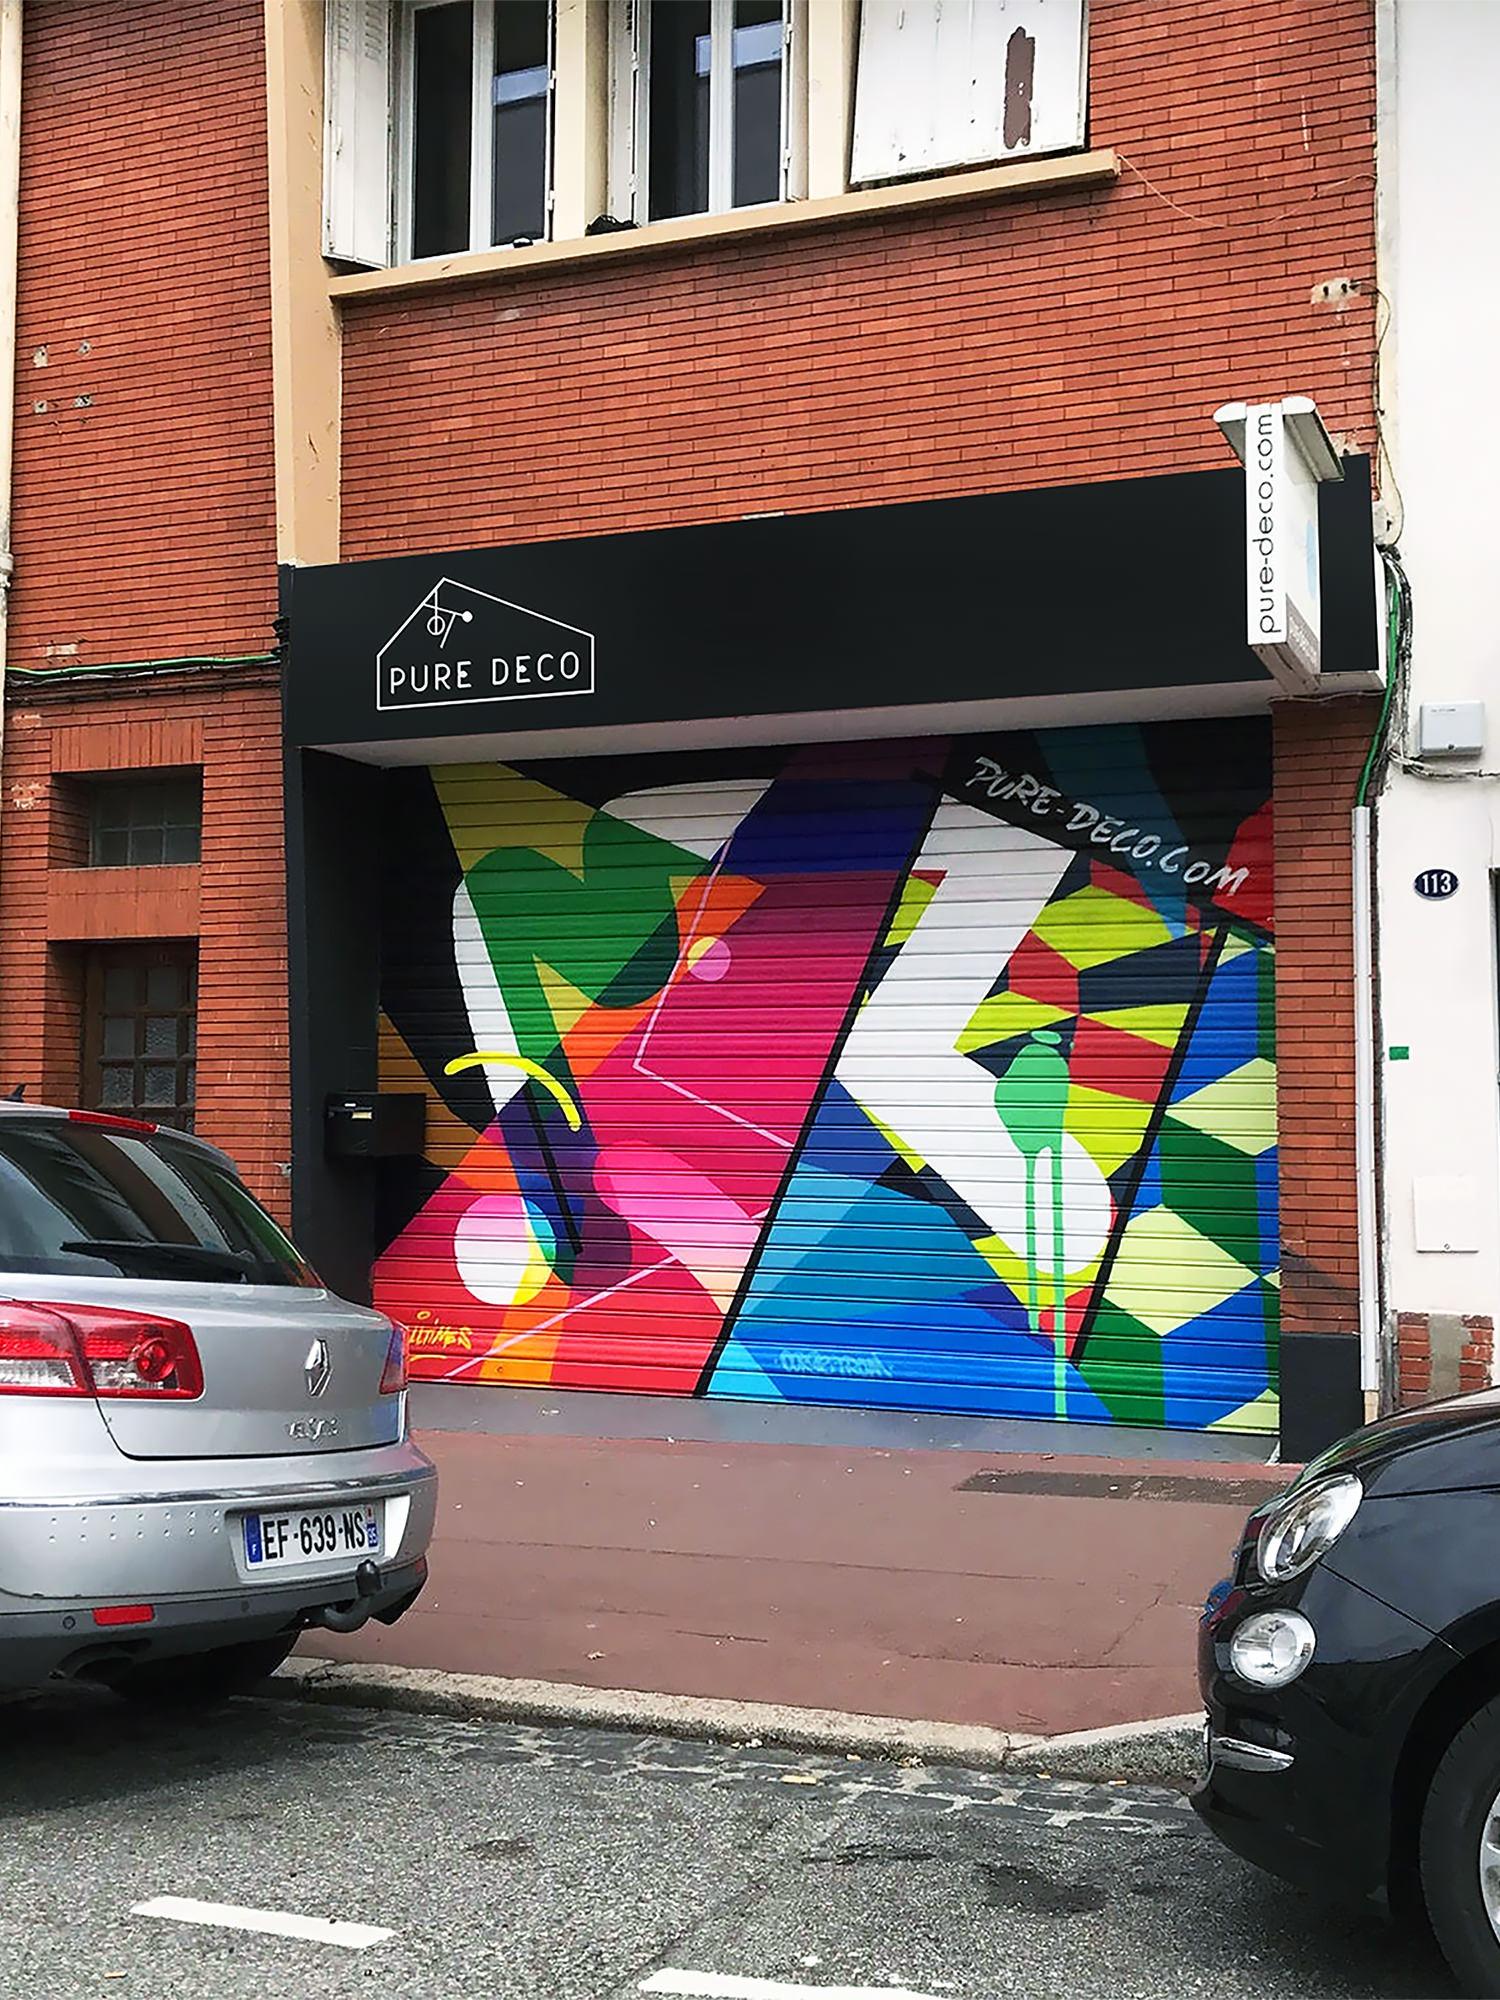 graffeur rideau metallique graffiti decoration decorateur artiste peintre toulouse pure deco